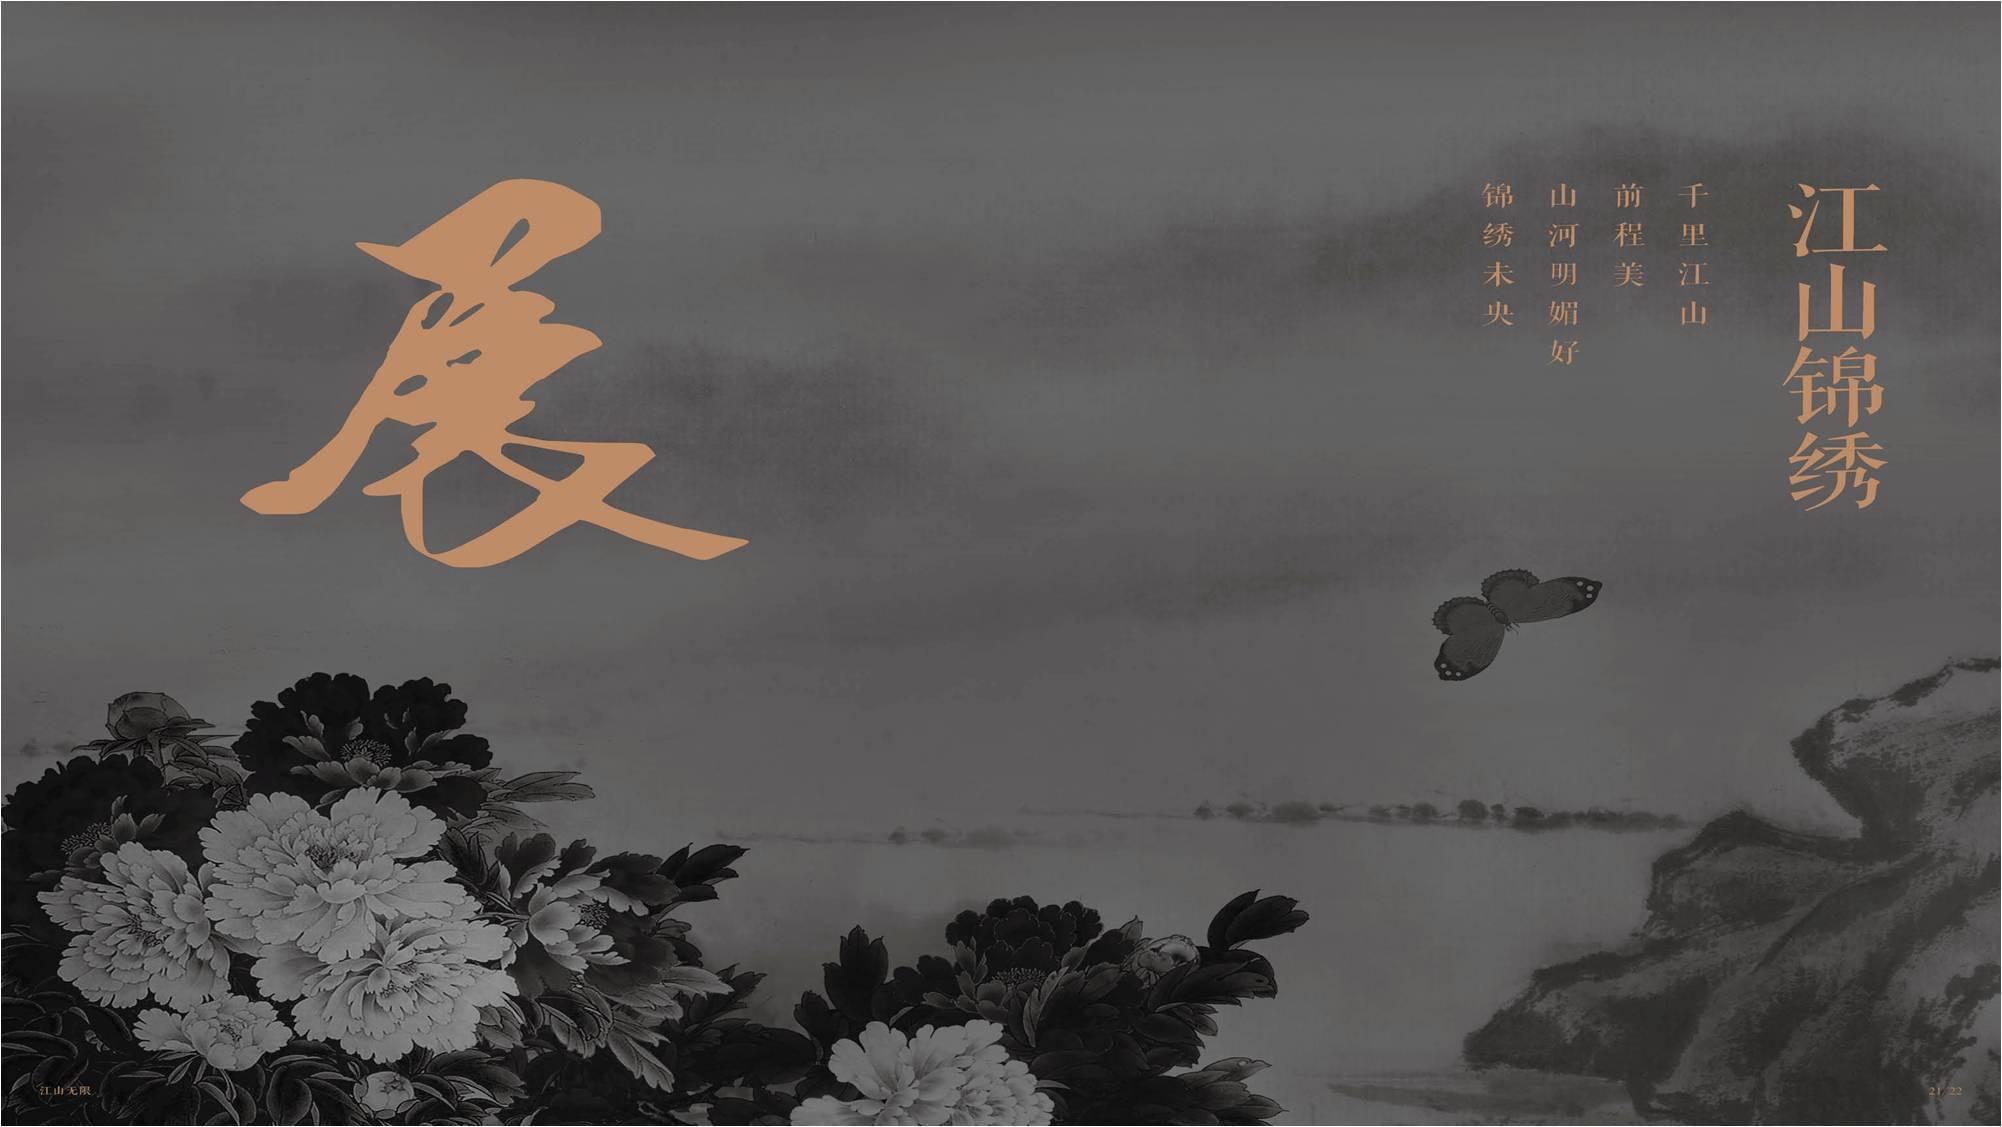 窗含锦绣数千年,江山代有人才出